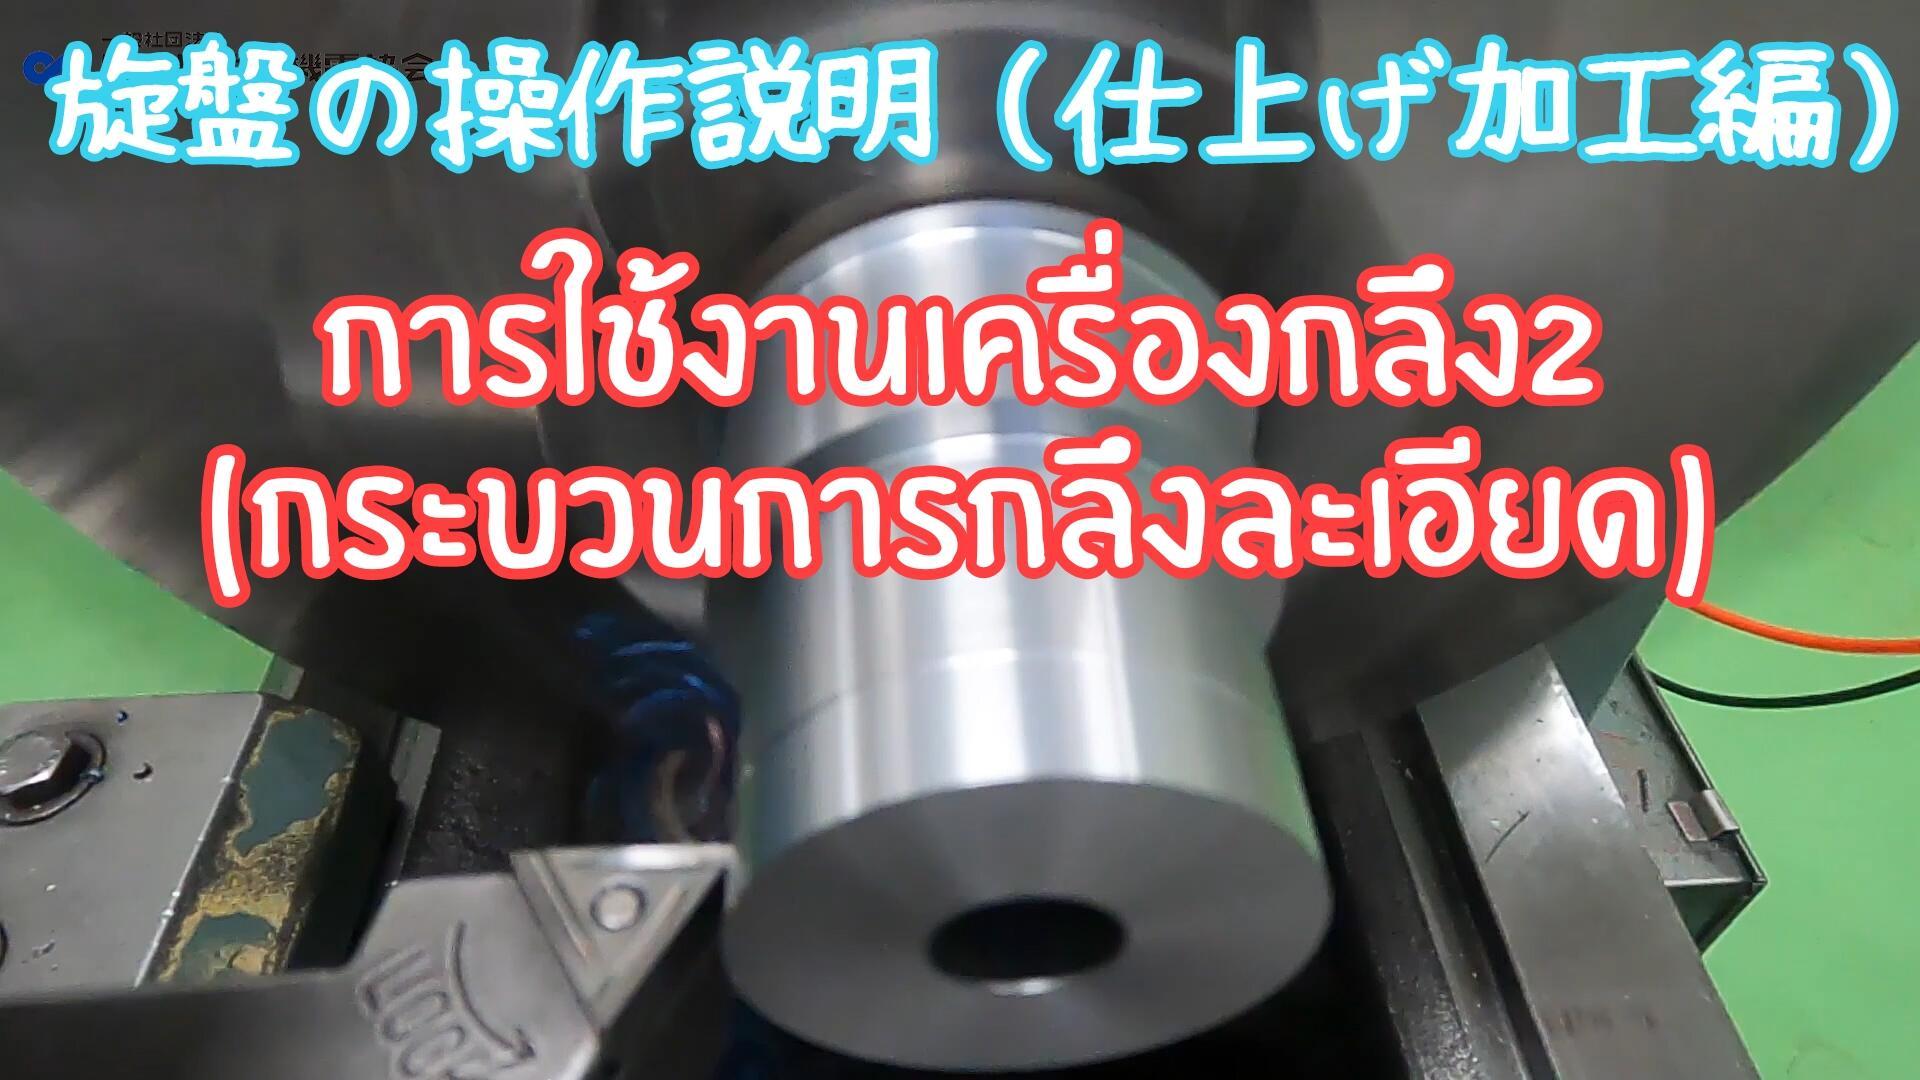 汎用旋盤の操作説明3(仕上げ加工編・タイ語字幕)